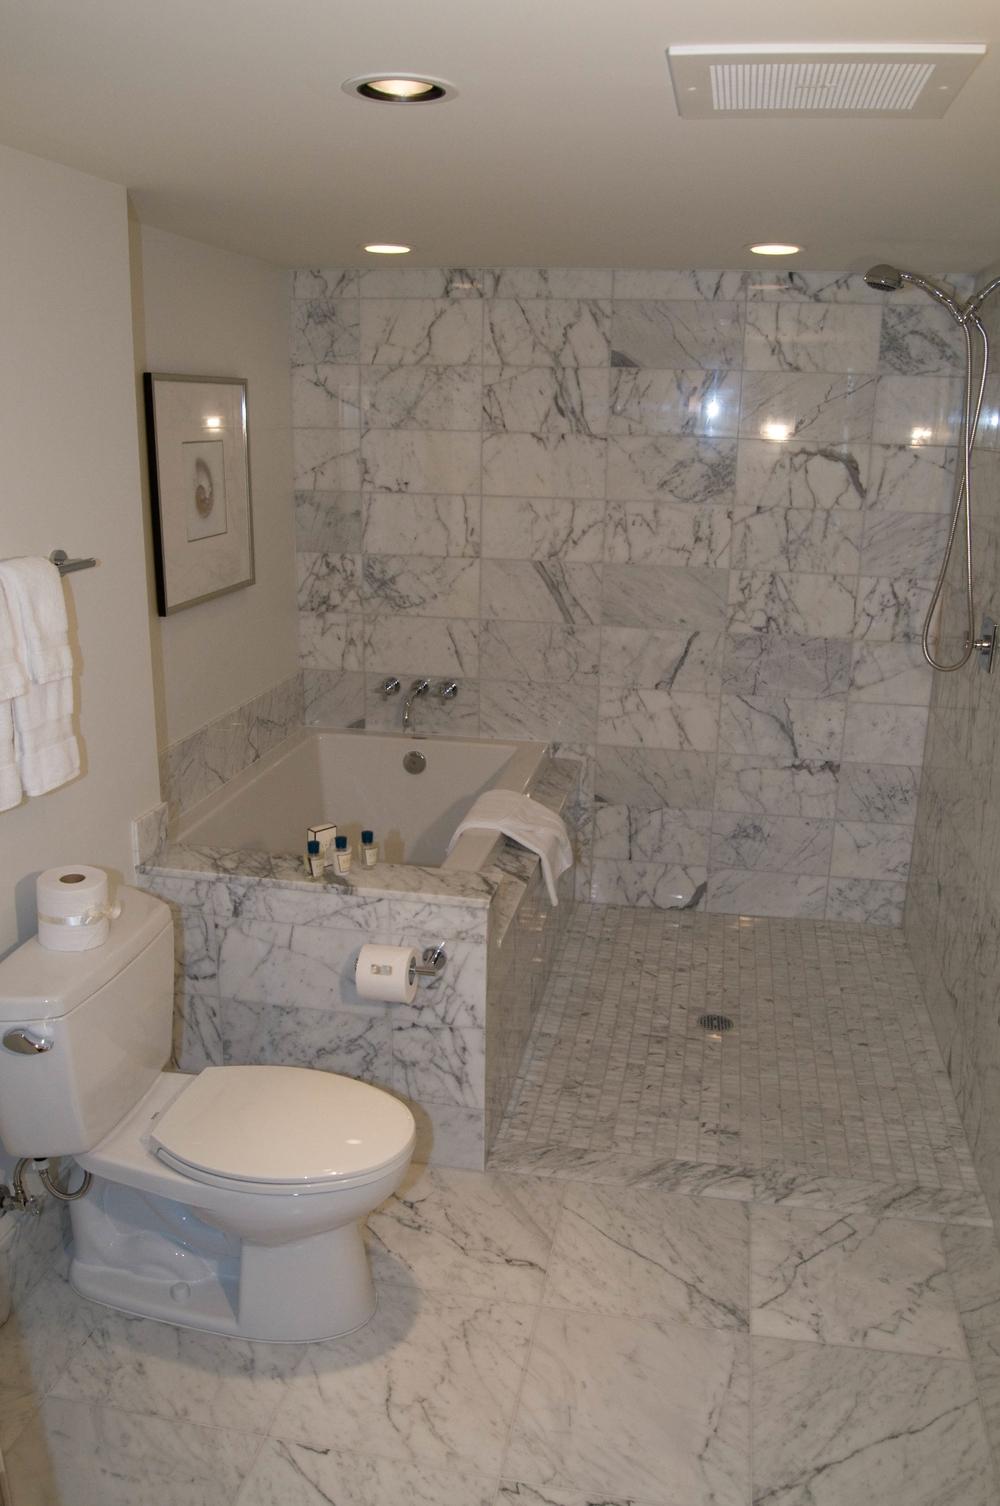 Jet Luxury Resorts - Descuento 5 estrellas Hoteles - Complejo turístico y Alquiler de inmuebles